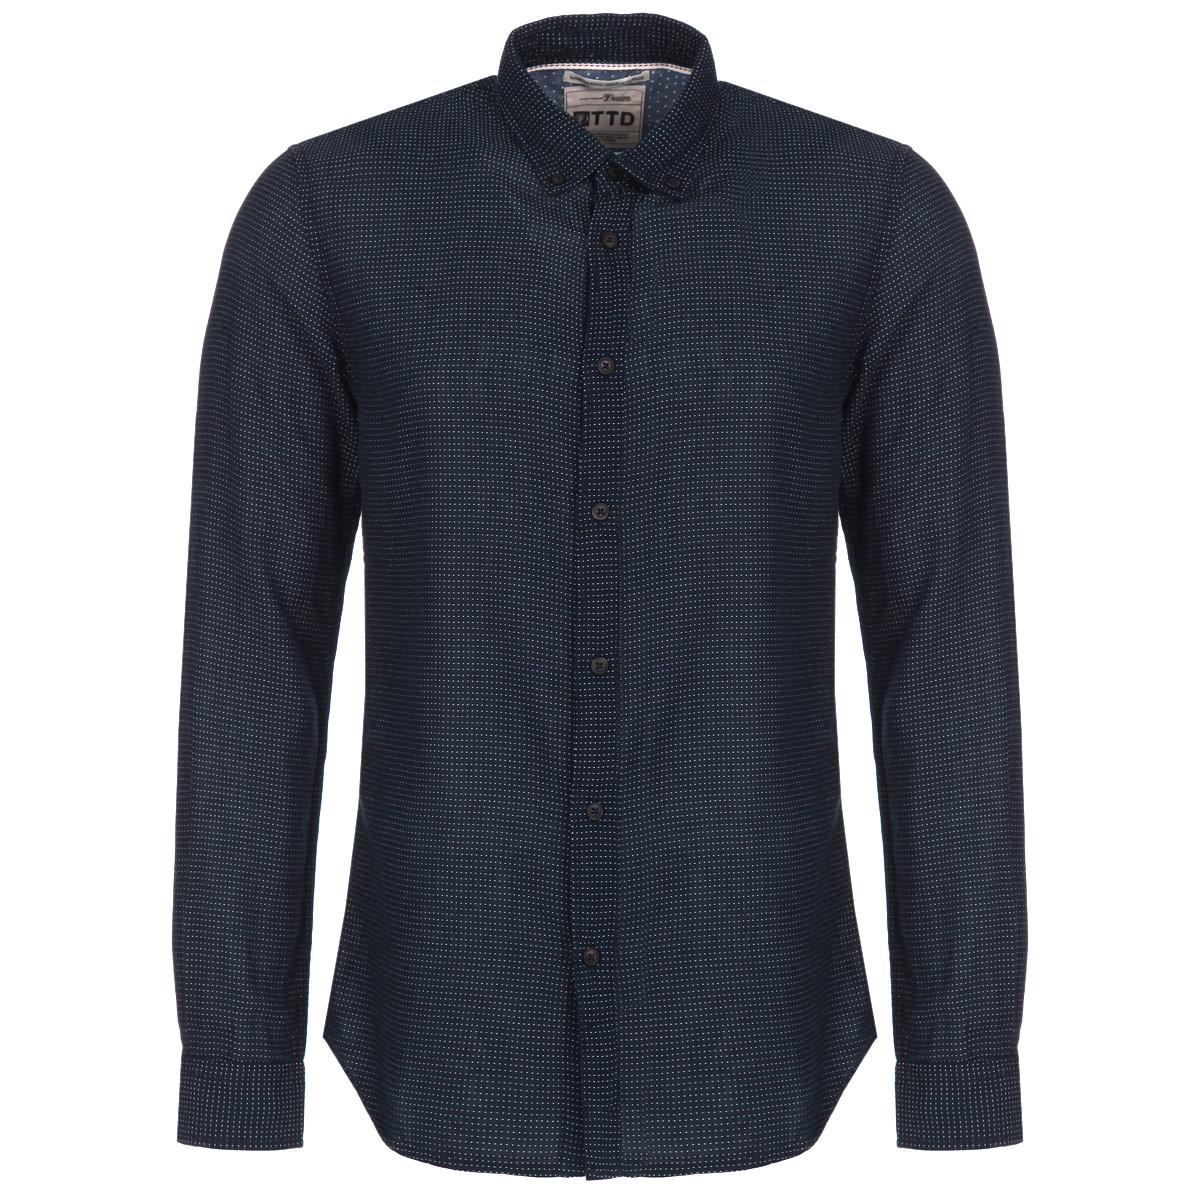 Рубашка2030223.00.12-6576_горохМужская рубашка Tom Tailor Denim, выполненная из высококачественного 100% хлопка, обладает высокой теплопроводностью, воздухопроницаемостью и гигроскопичностью, позволяет коже дышать, тем самым обеспечивая наибольший комфорт при носке. Модель классического кроя с отложным воротником и длинными рукавами застегивается на пуговицы. Рубашка оформлена вышивкой в мелкий горох. Такая рубашка подчеркнет ваш вкус и поможет создать великолепный стильный образ.